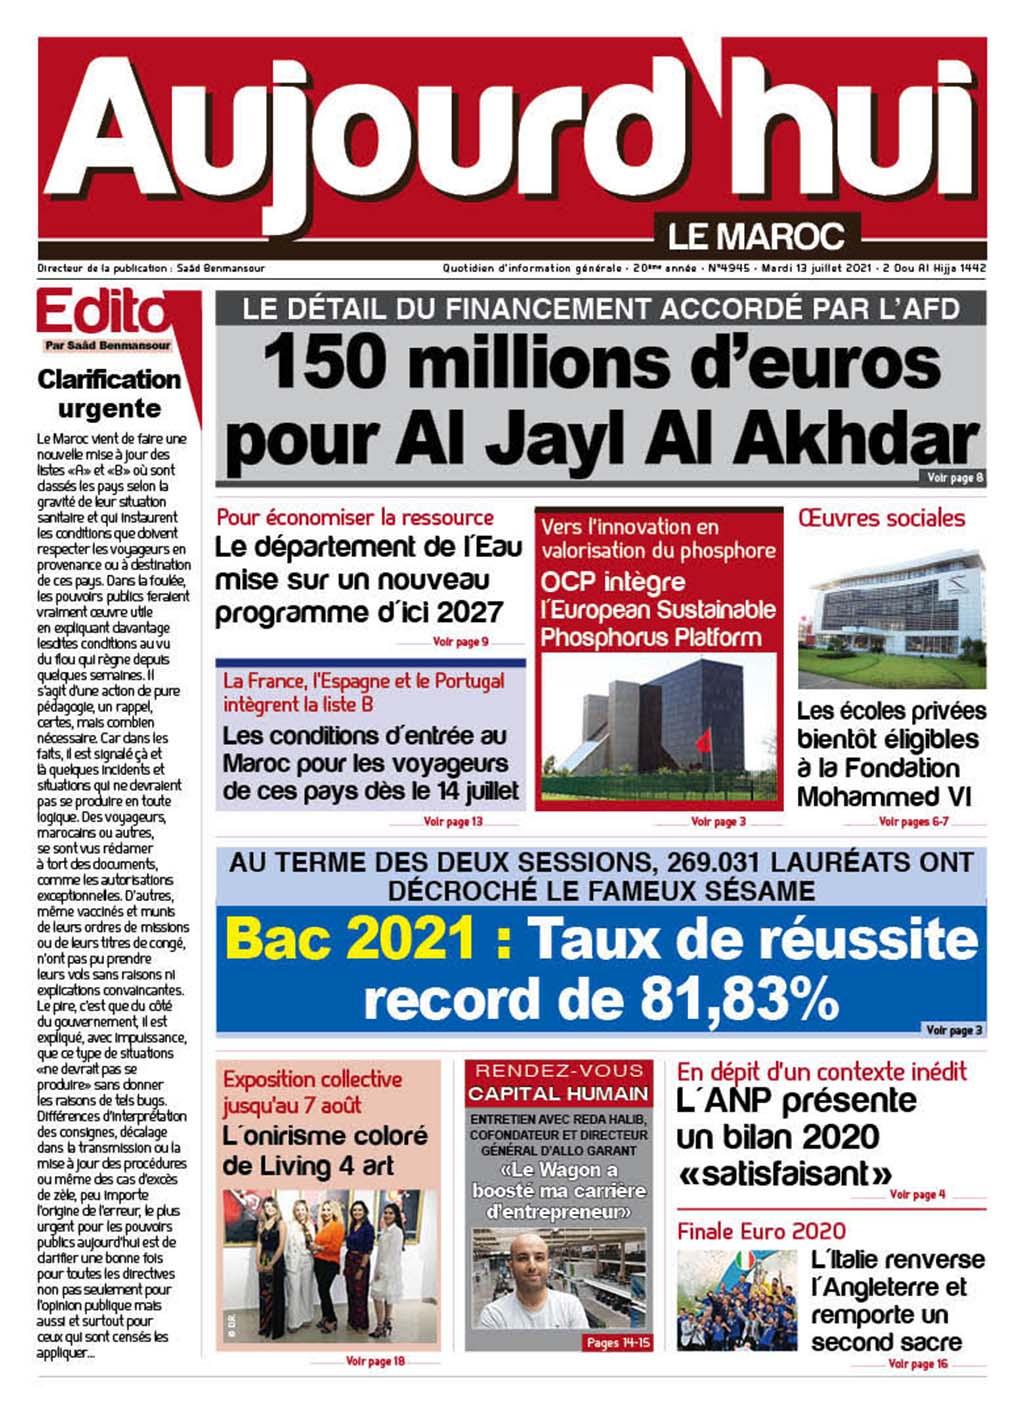 Journal Électronique du Mardi 13 Juillet 2021